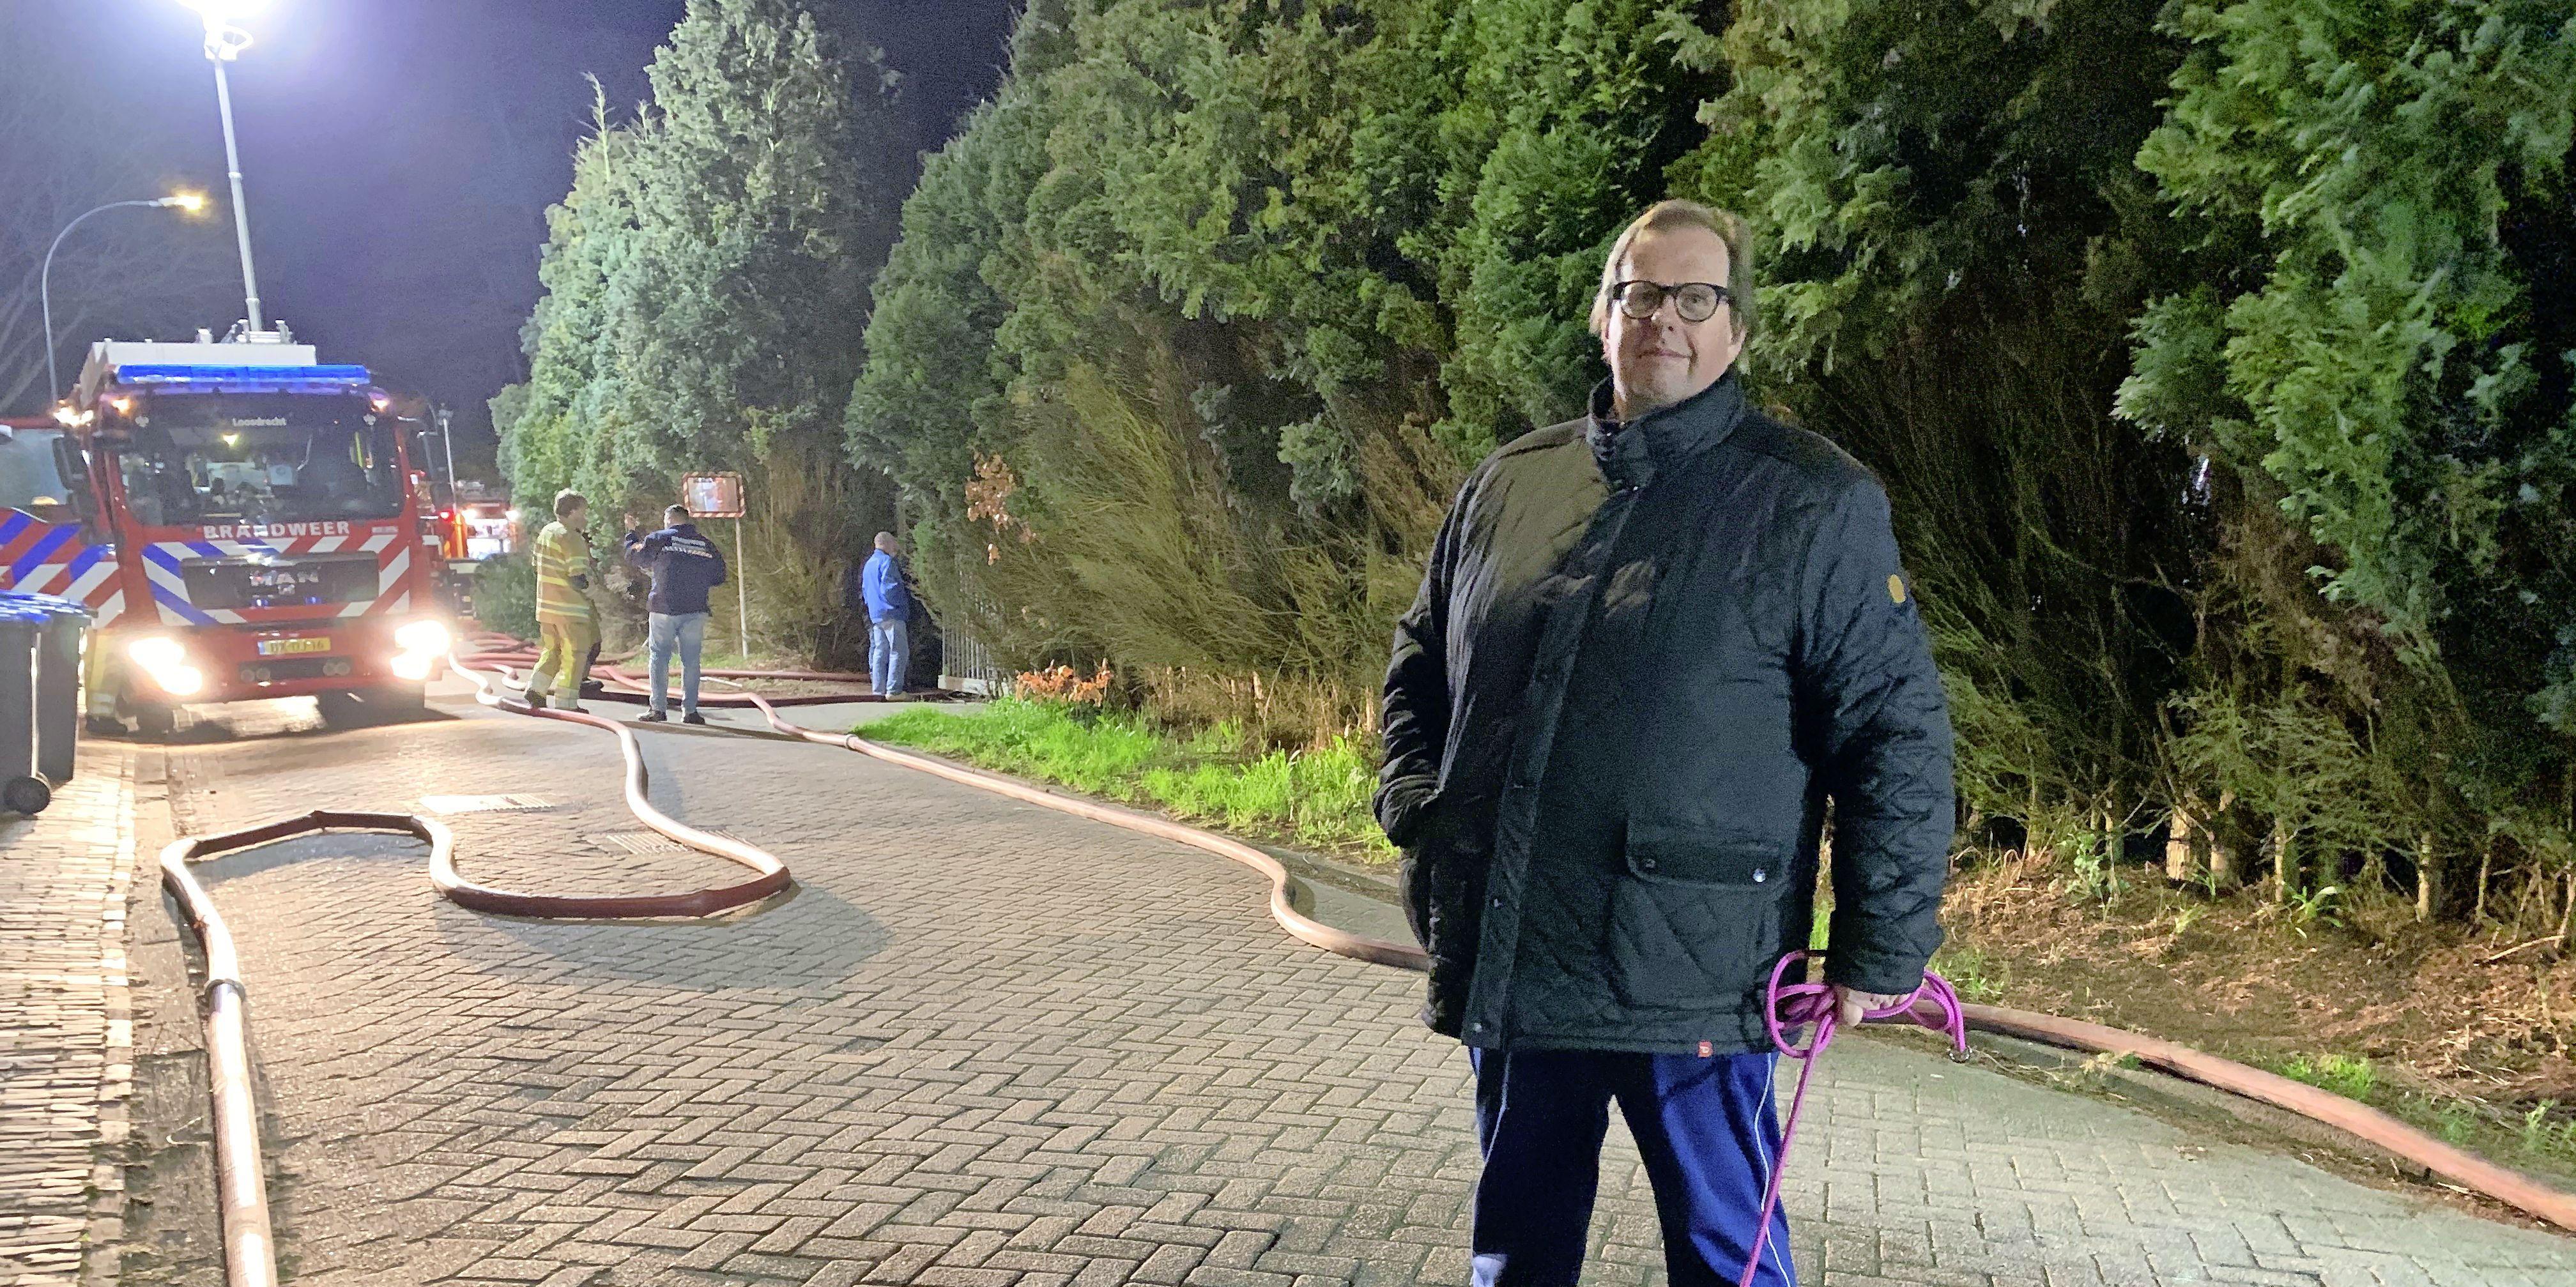 Ooggetuige van uitslaande brand op Vliegveld Hilversum schrok zich rot van de knallen en vlammen. 'Het gezin stond in onderbroek in de kou. Er was geen houden meer aan'